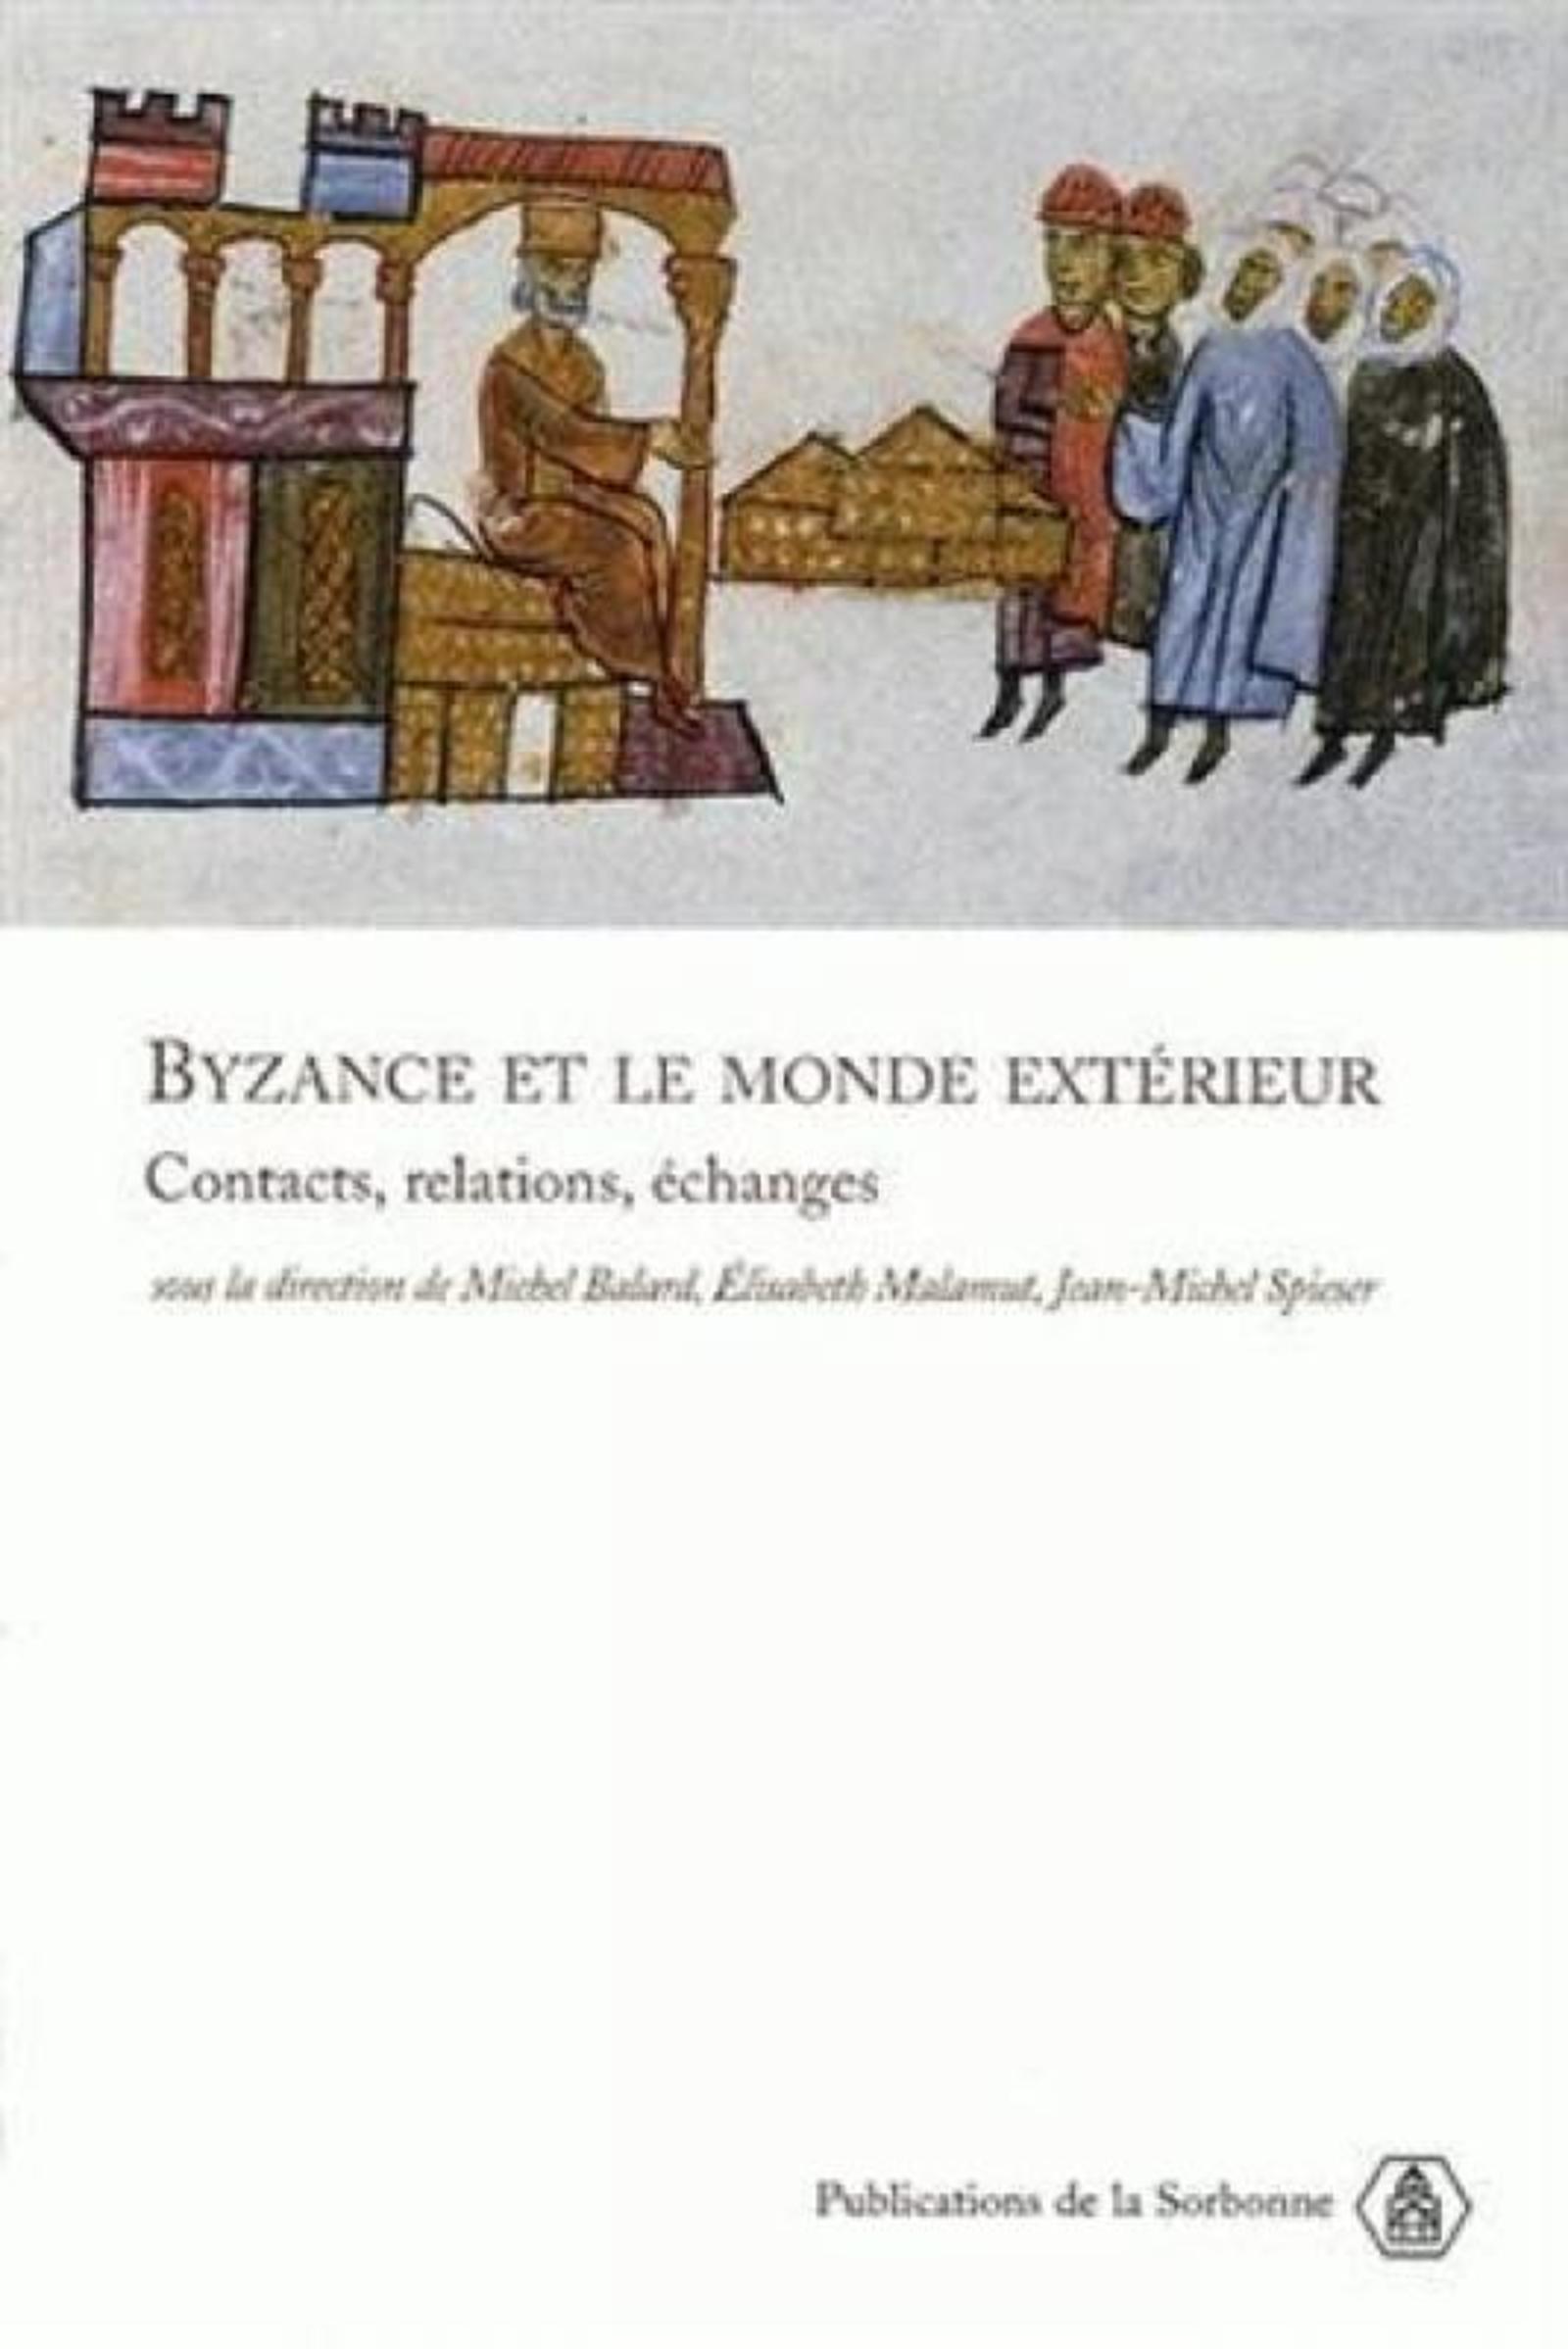 BYZANCE ET LE MONDE EXTERIEUR CONTACTS, RELATIONS, ECHANGES - ACTES DE TROIS SEANCES DU XXE CONG